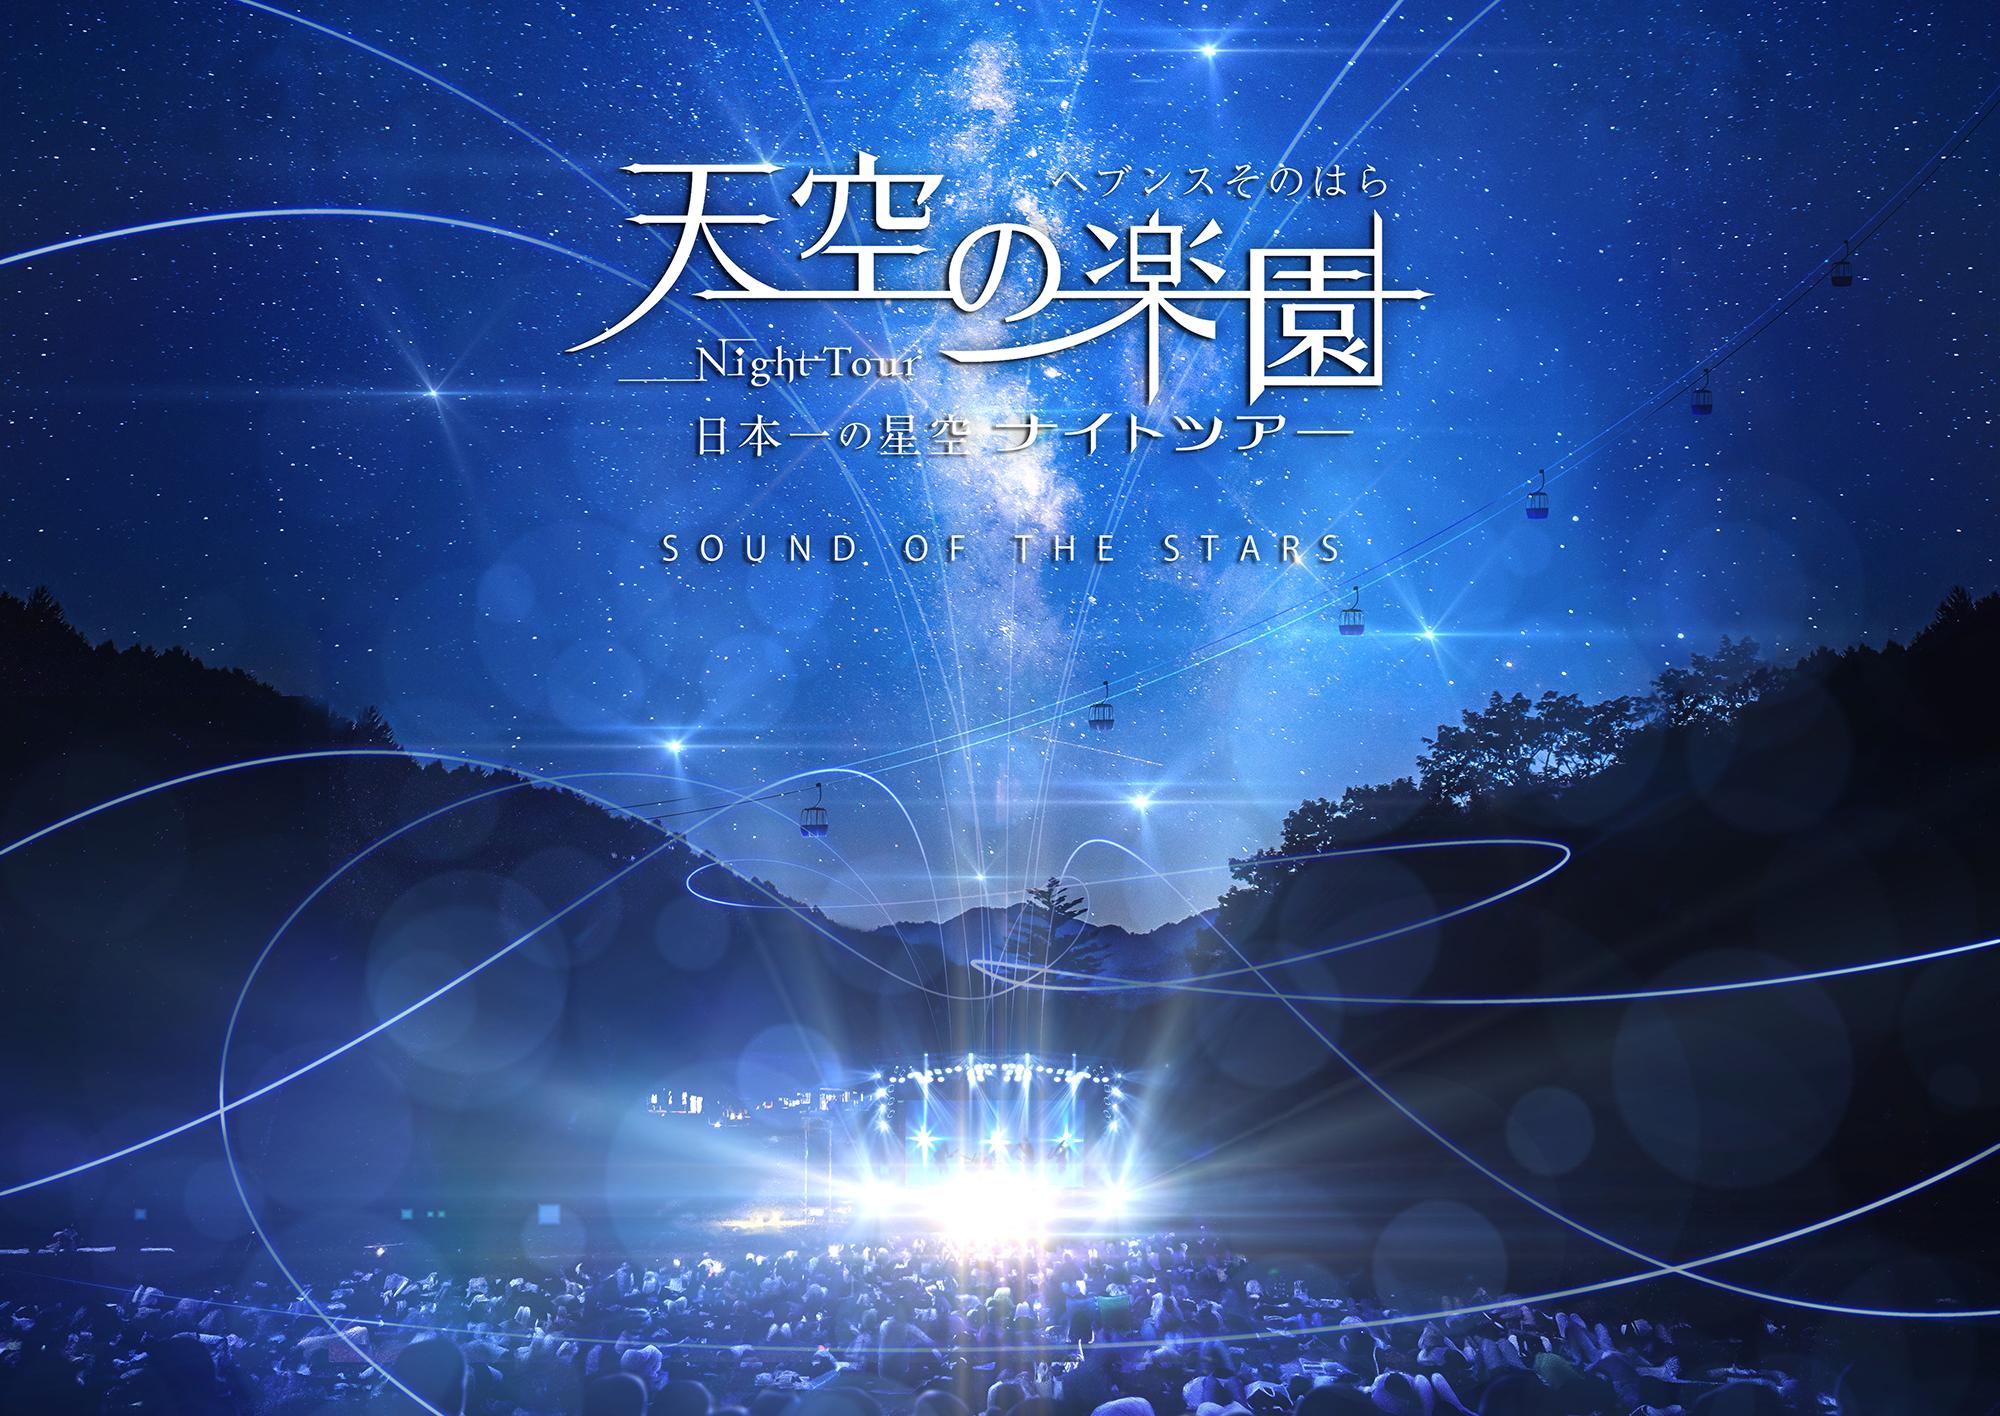 天空の楽園 日本一の星空ナイトツアー Season2018 スタート 天空の楽園 日本一の星空ツアー | スタービレッジ阿智